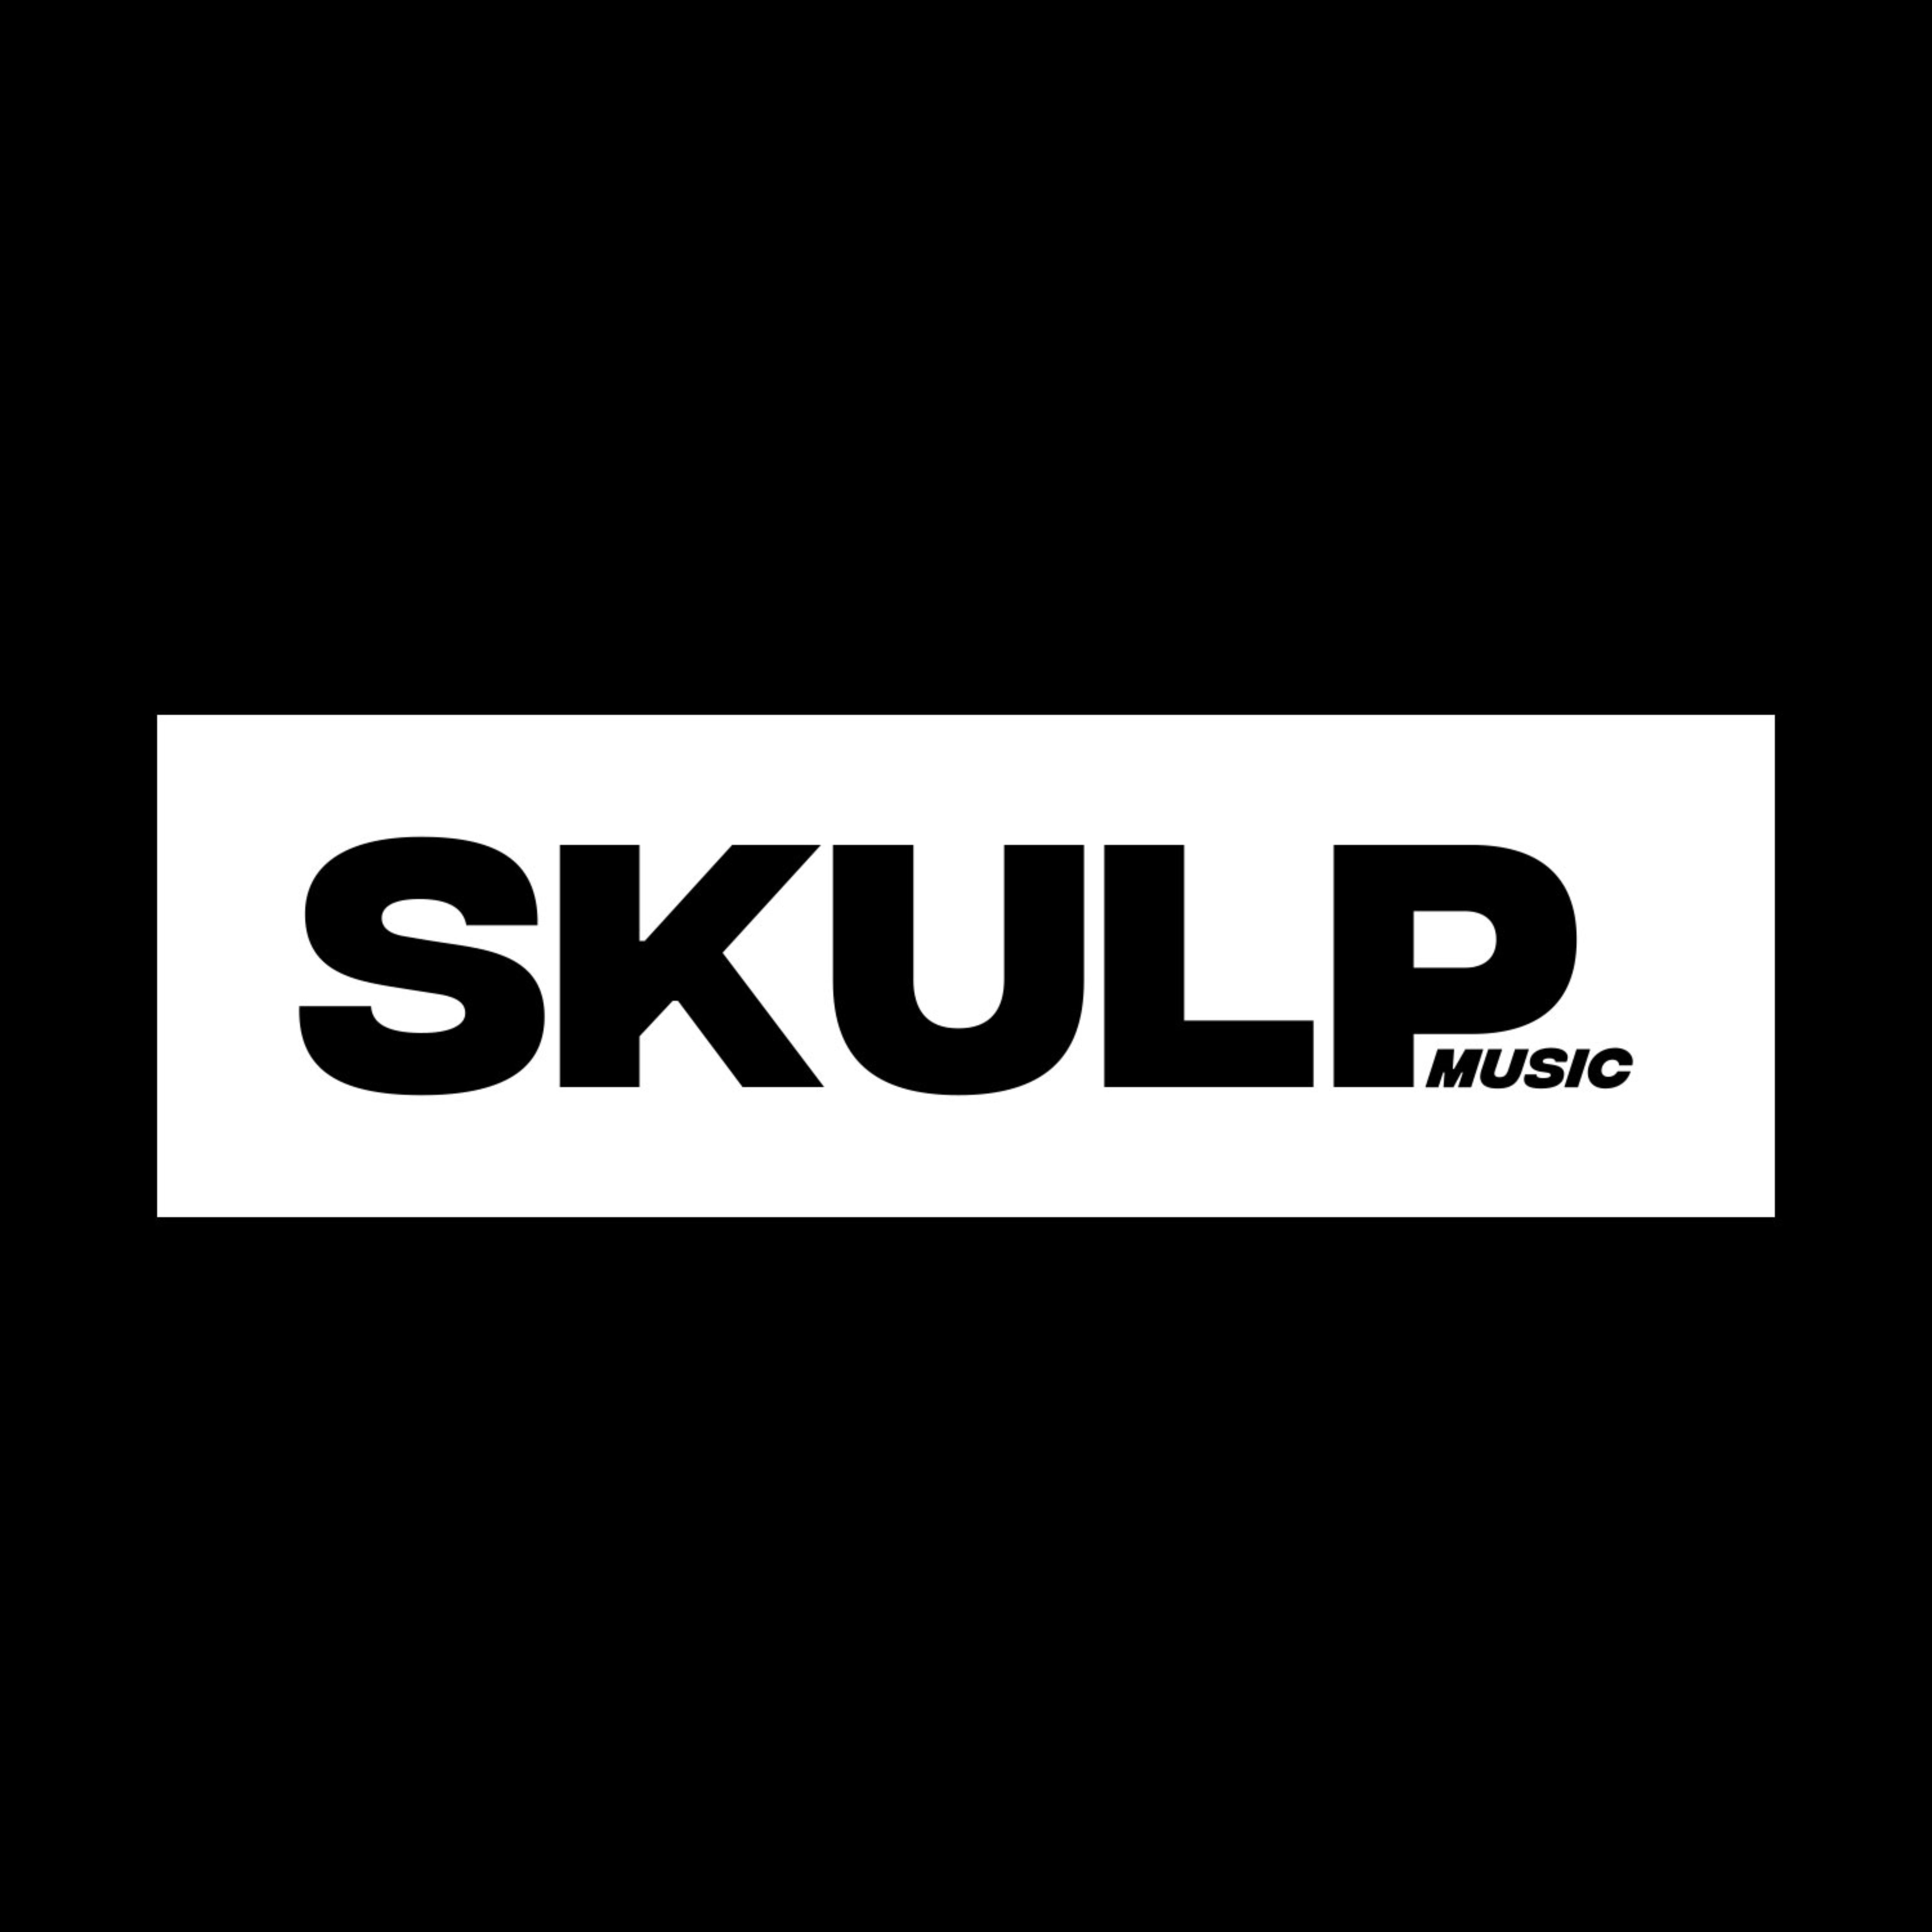 Skulp Music